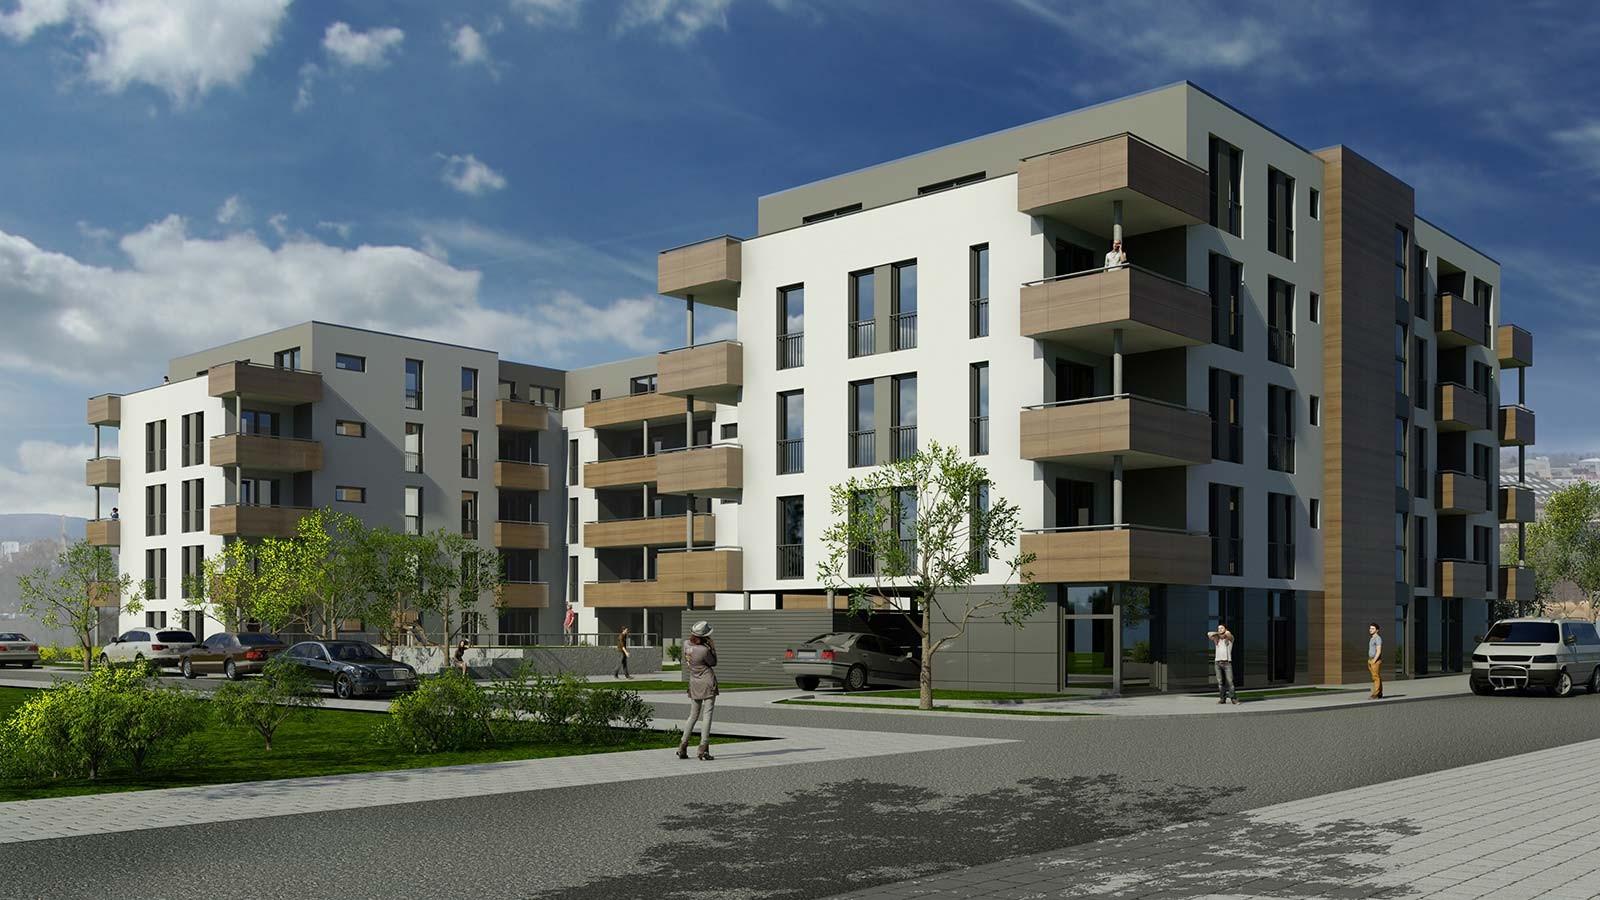 Ansicht Bamberg - Holzfassade - Architekturvisualisierung  Aussen